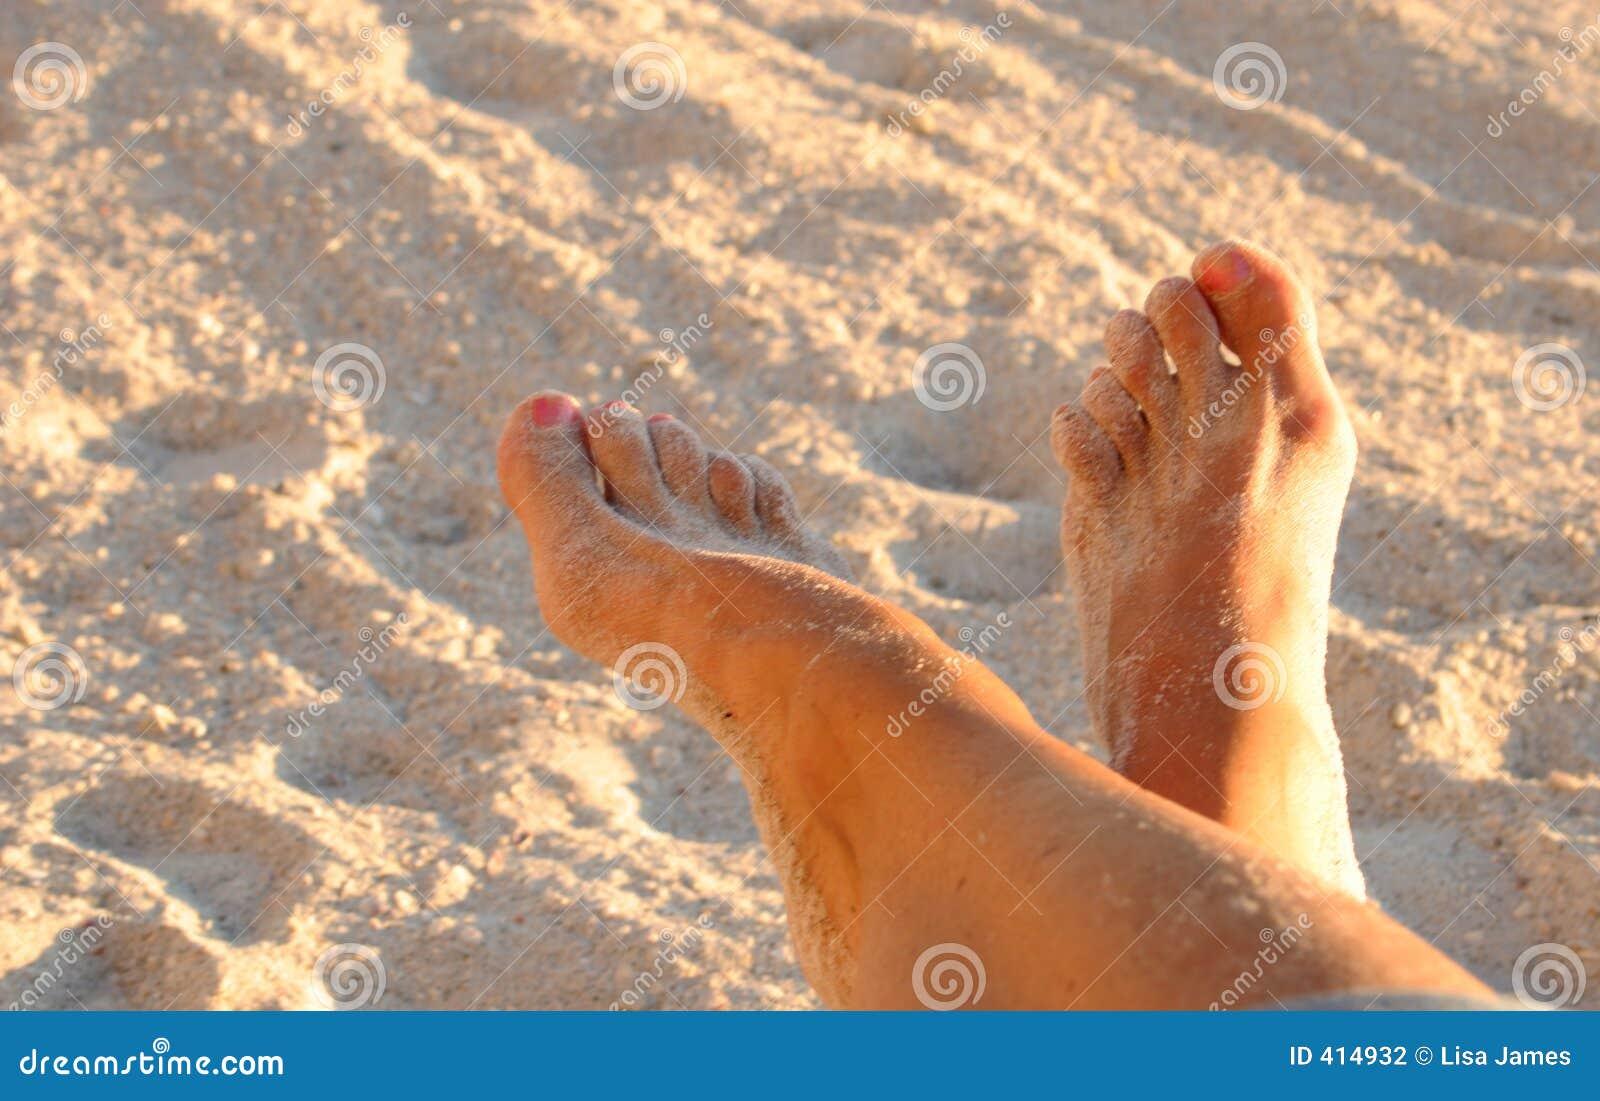 Ontspannen voeten